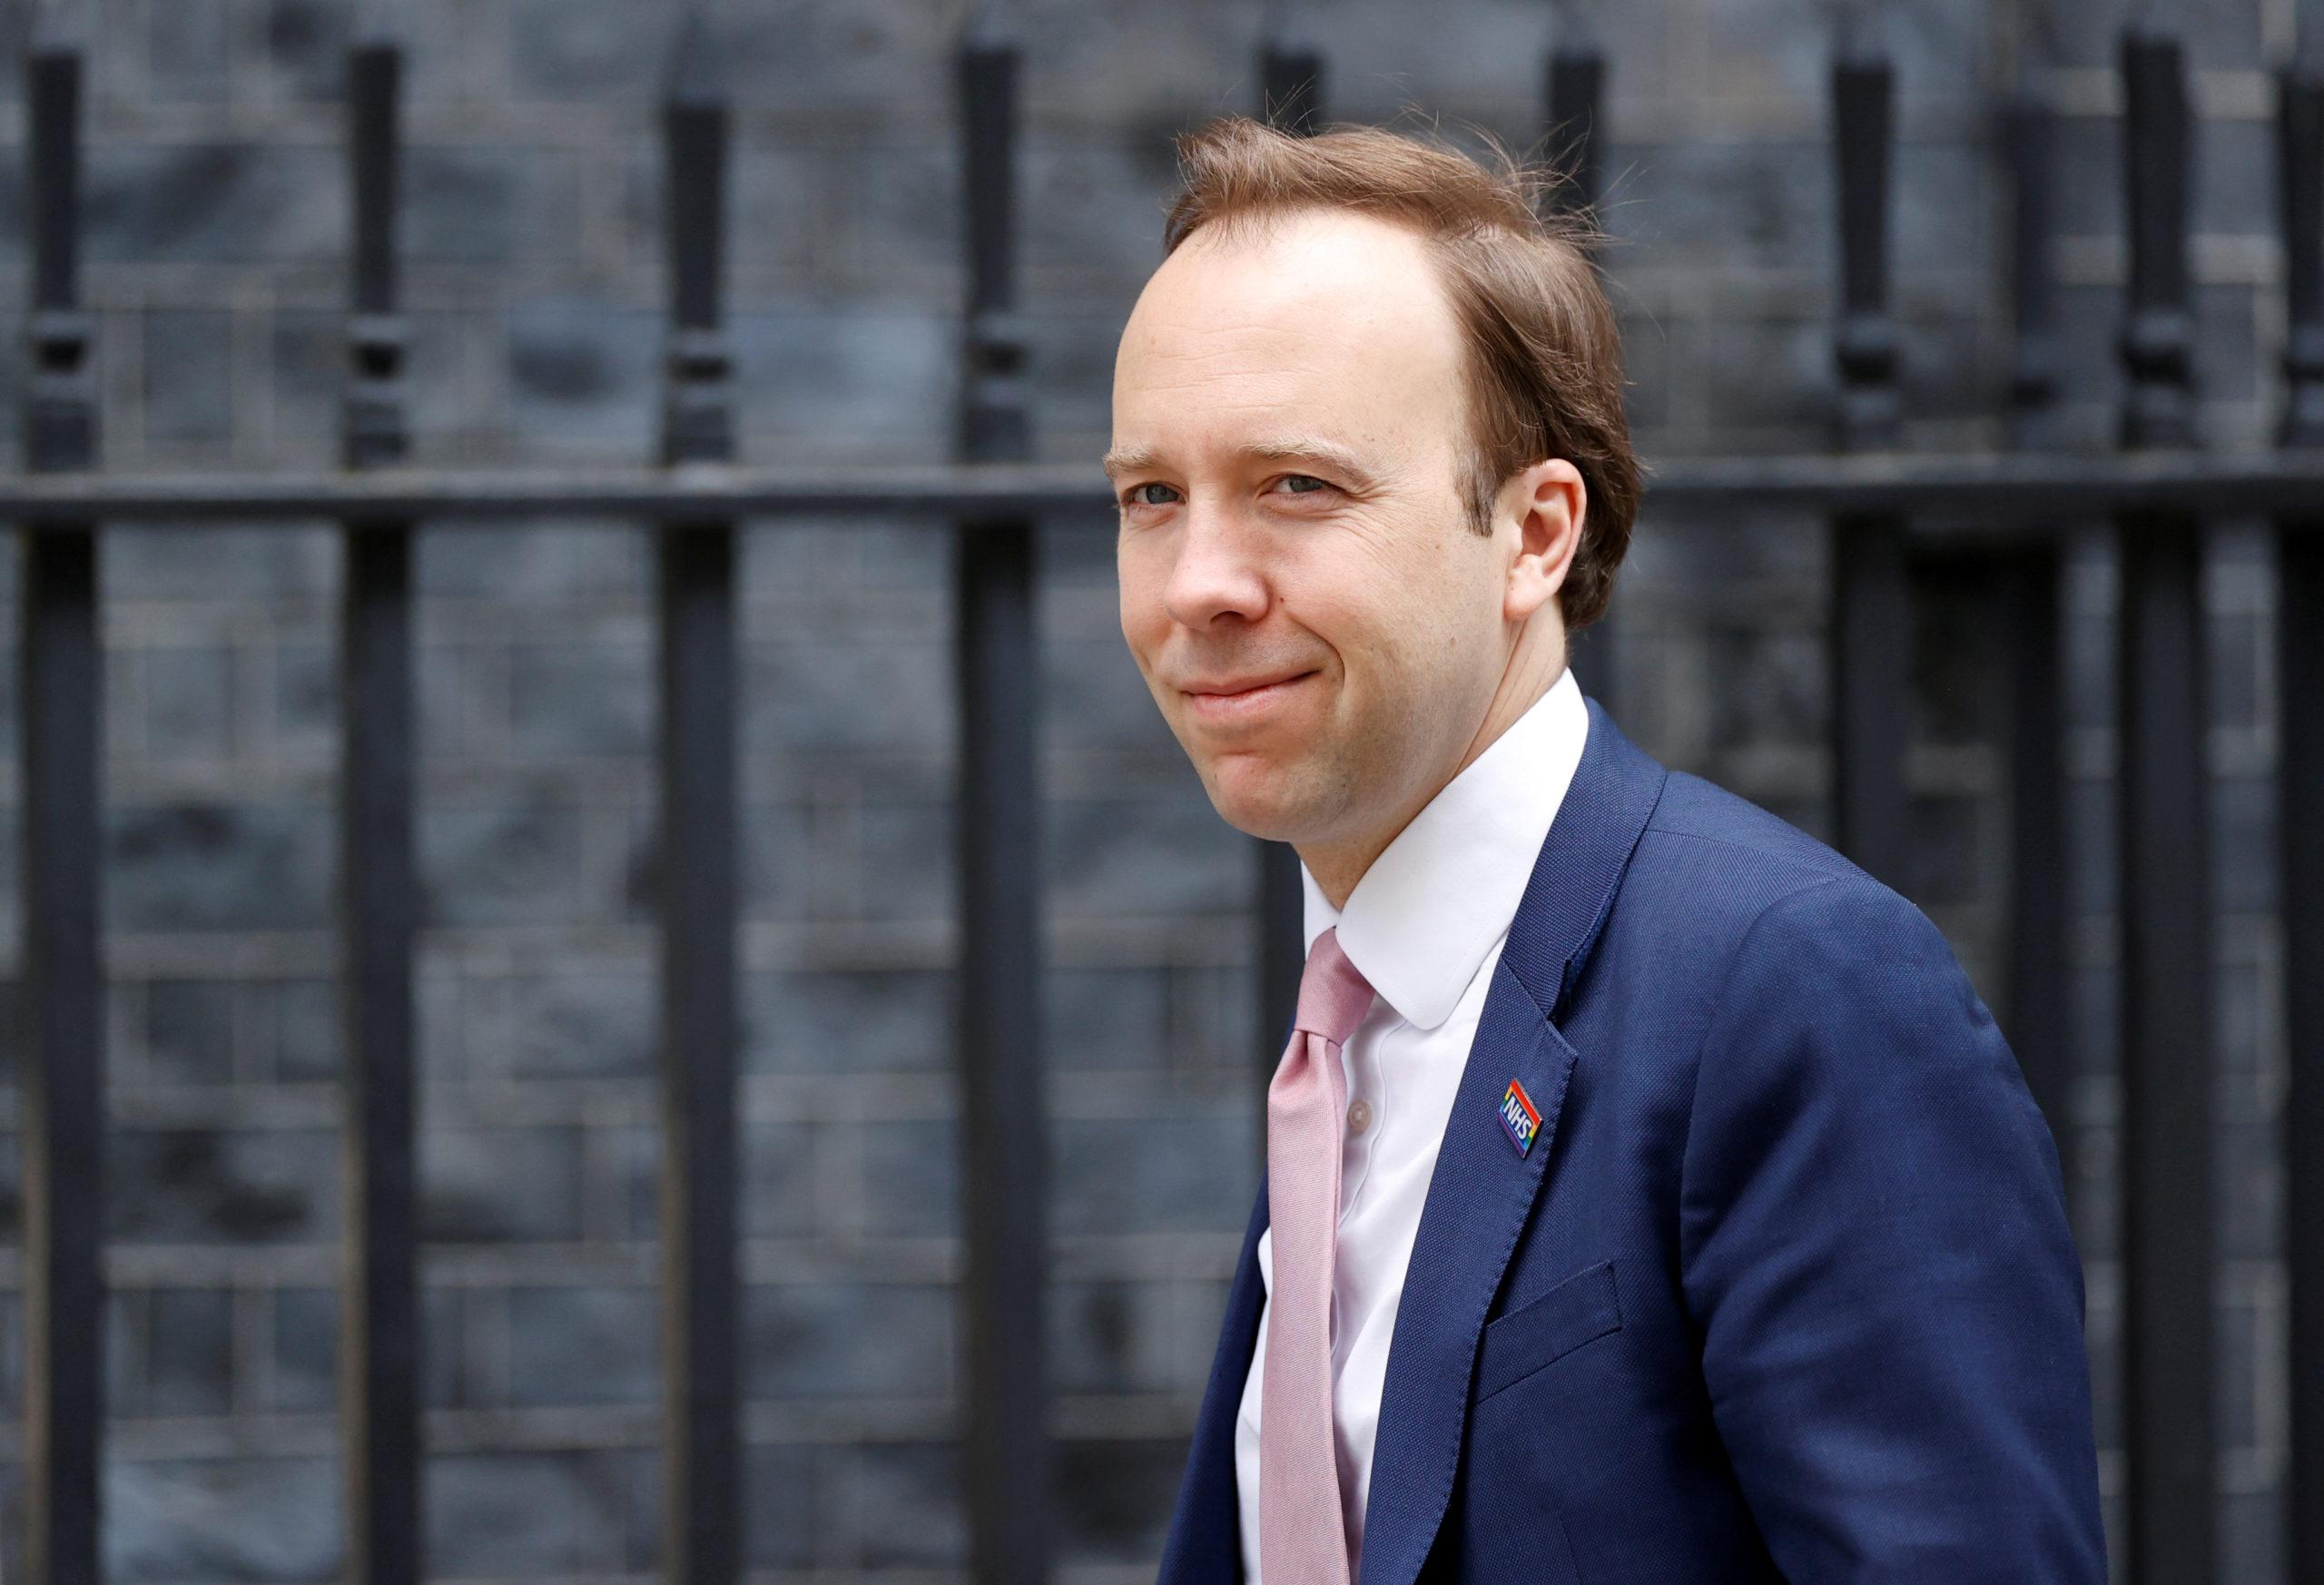 Covid-19: Le Royaume-Uni débloque 500 millions de livres pour accélérer les tests